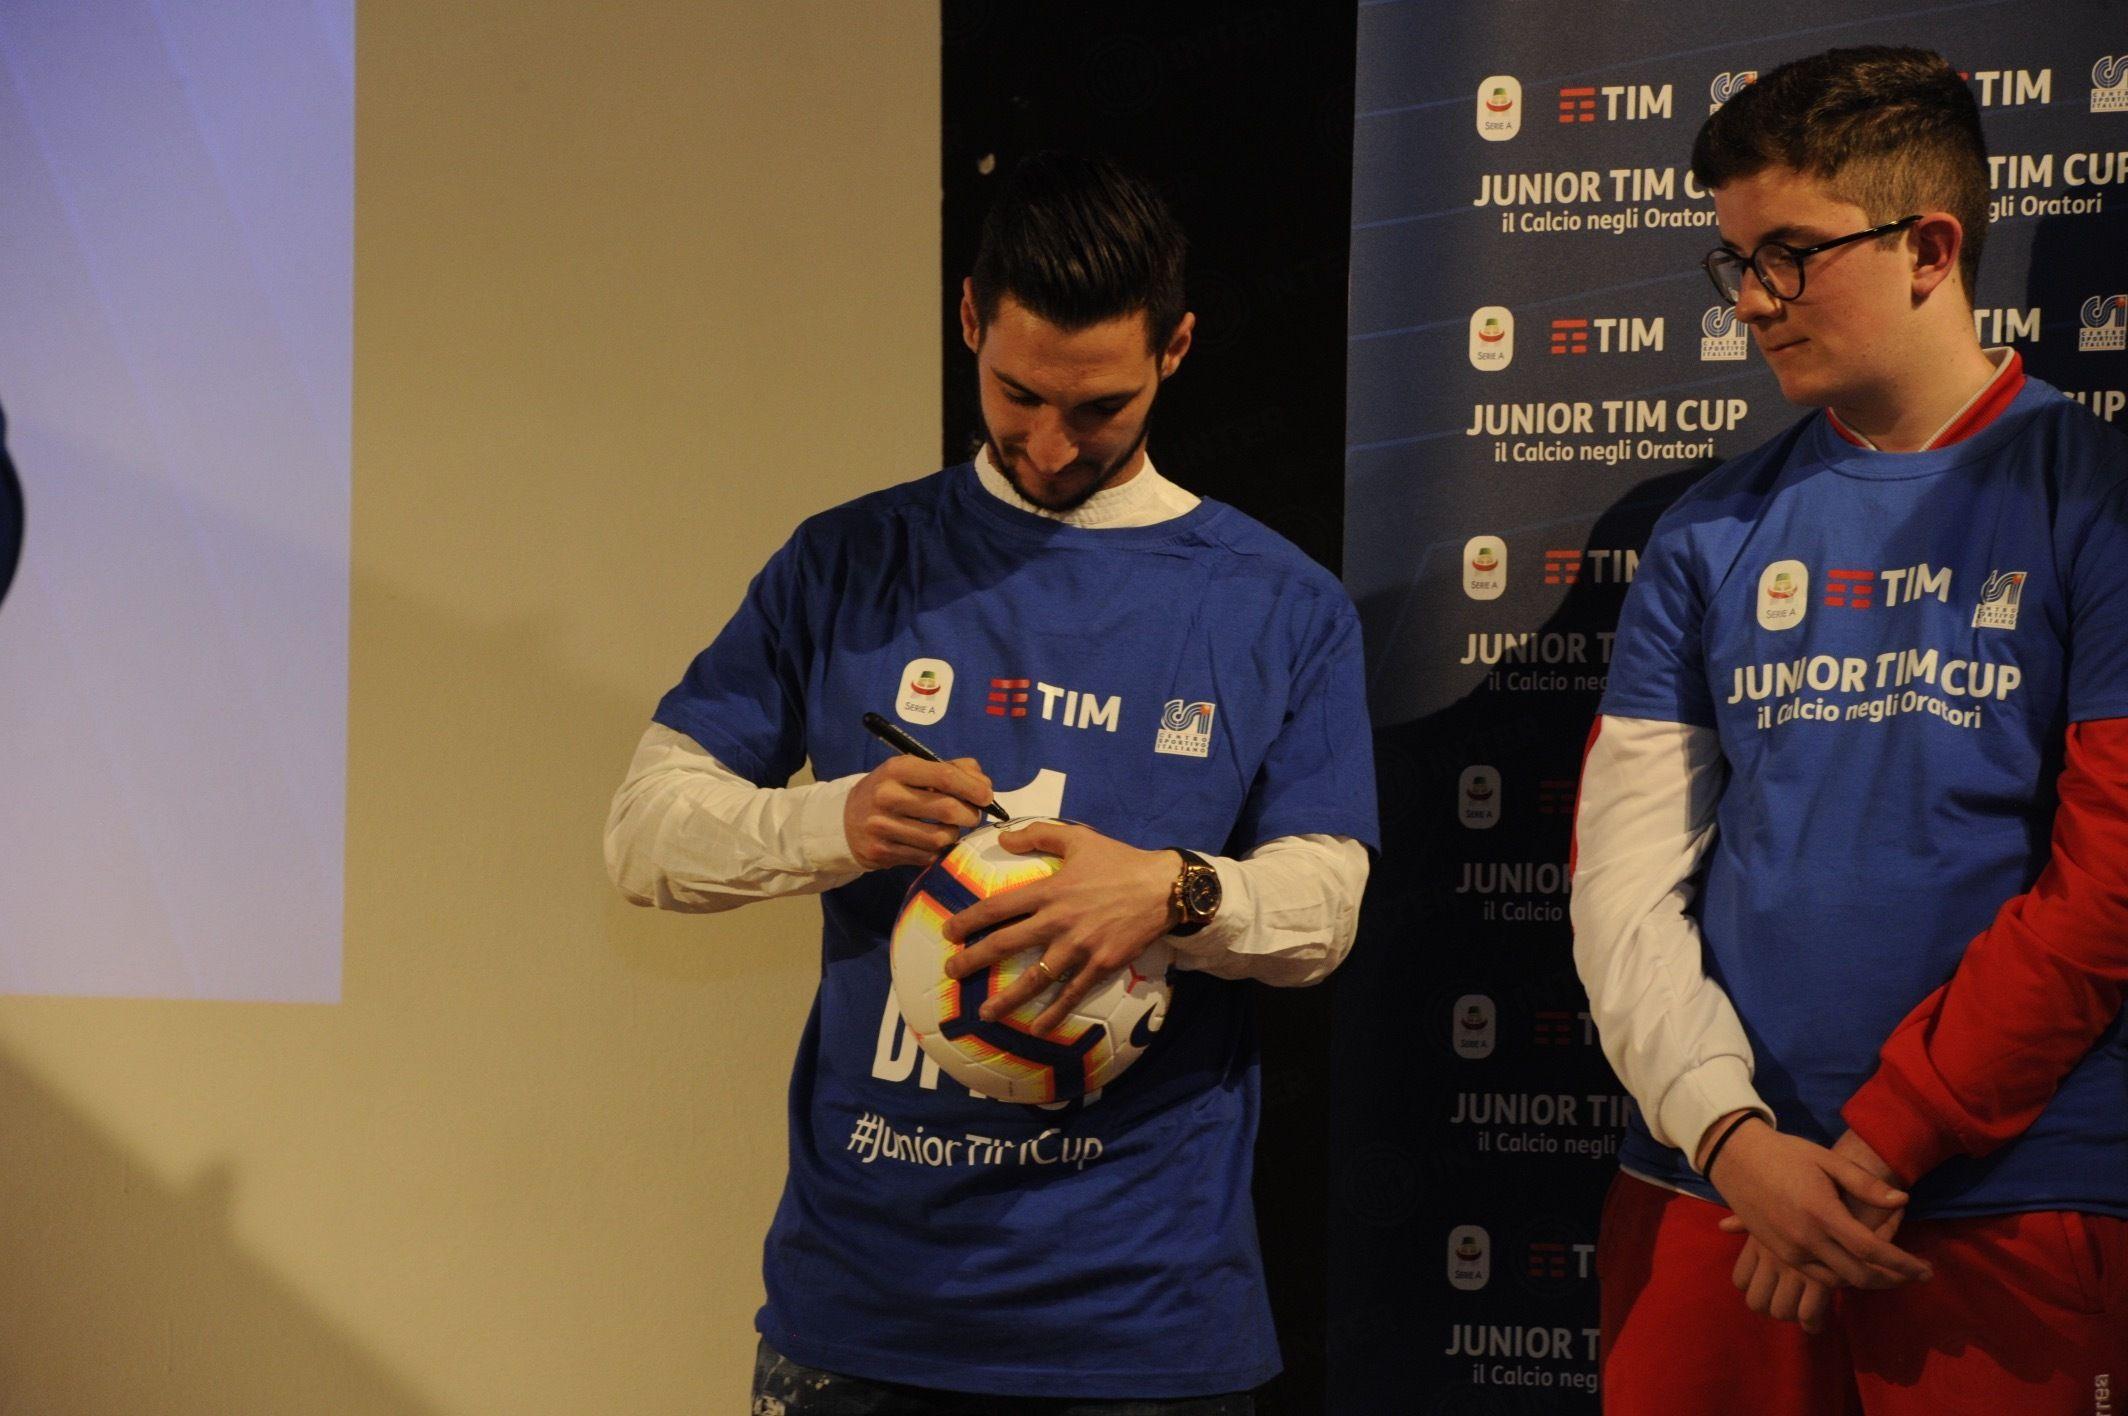 """Politano: """"Giocare per l'Inter è un'emozione, il mio primo #DerbyMilano è stato spettacolare"""""""